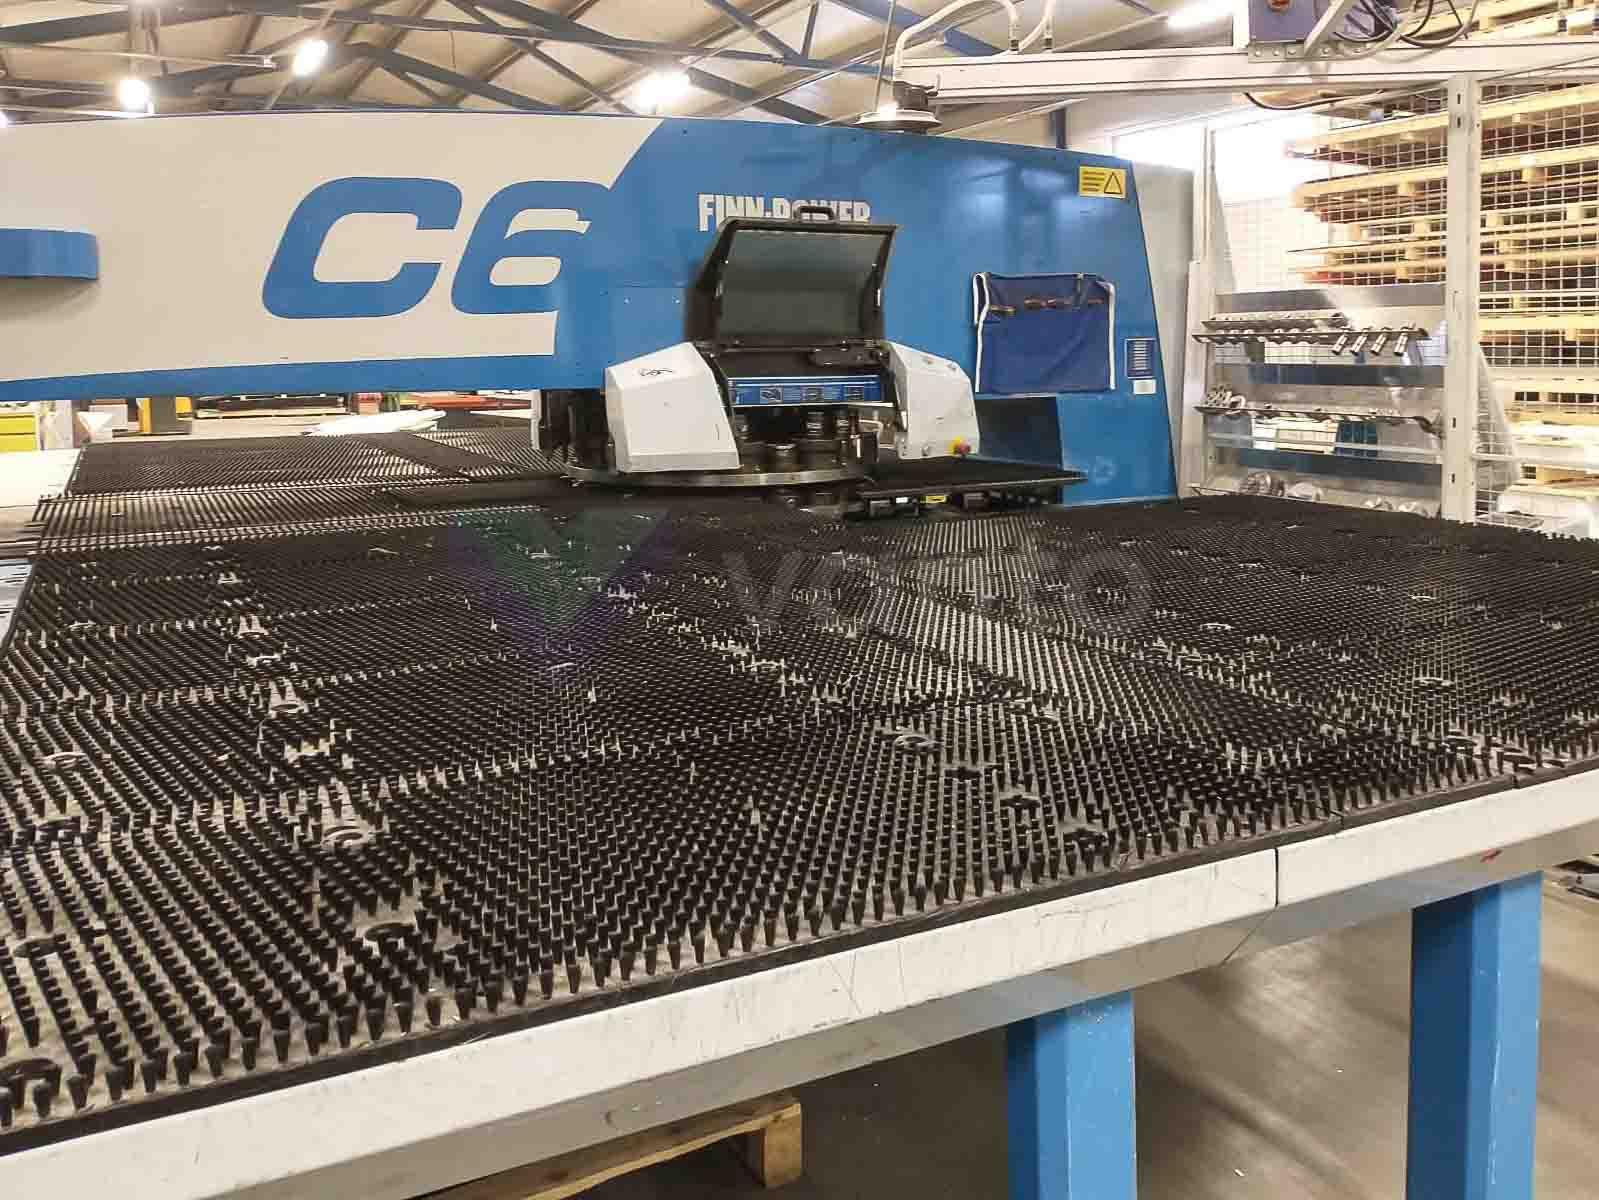 FINN POWER C6 CNC-Stanzmaschine (2008) id10500